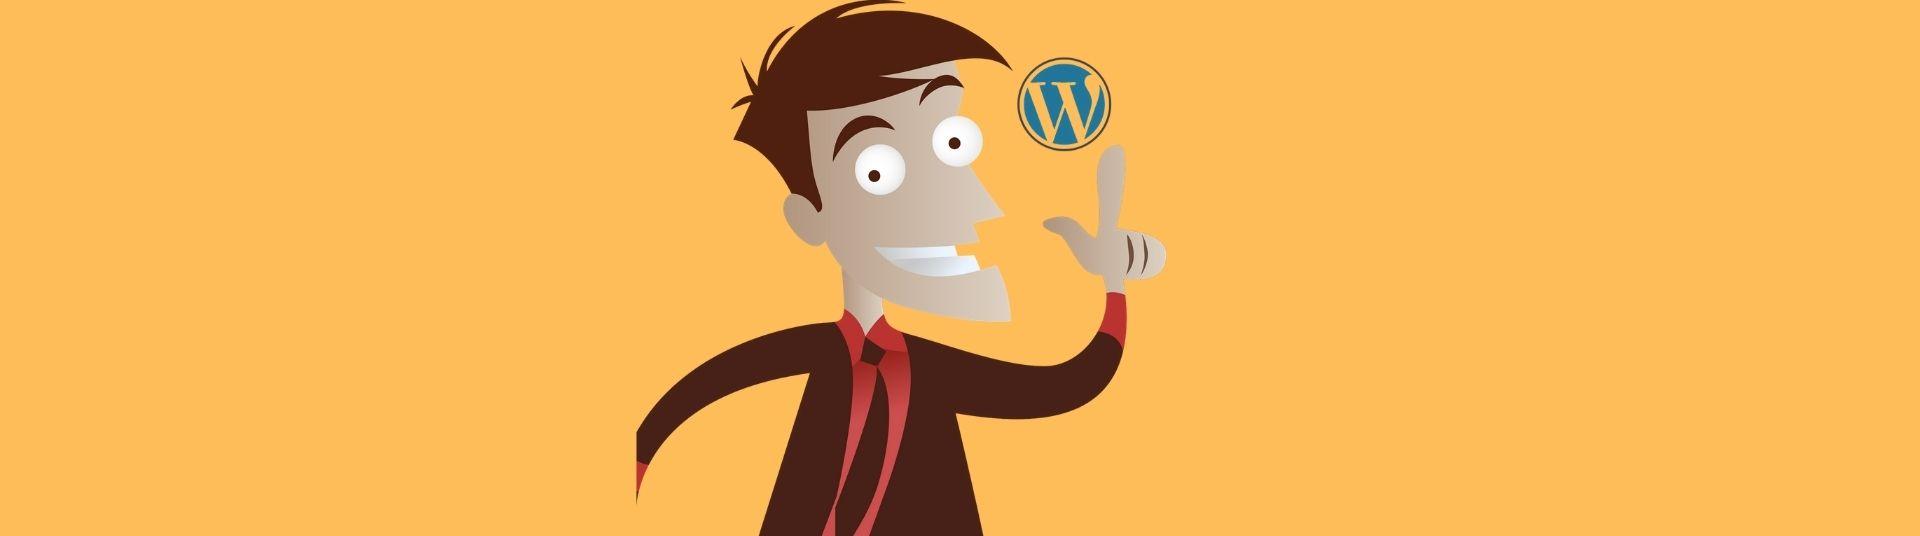 5 WordPress tips to get your website noticed